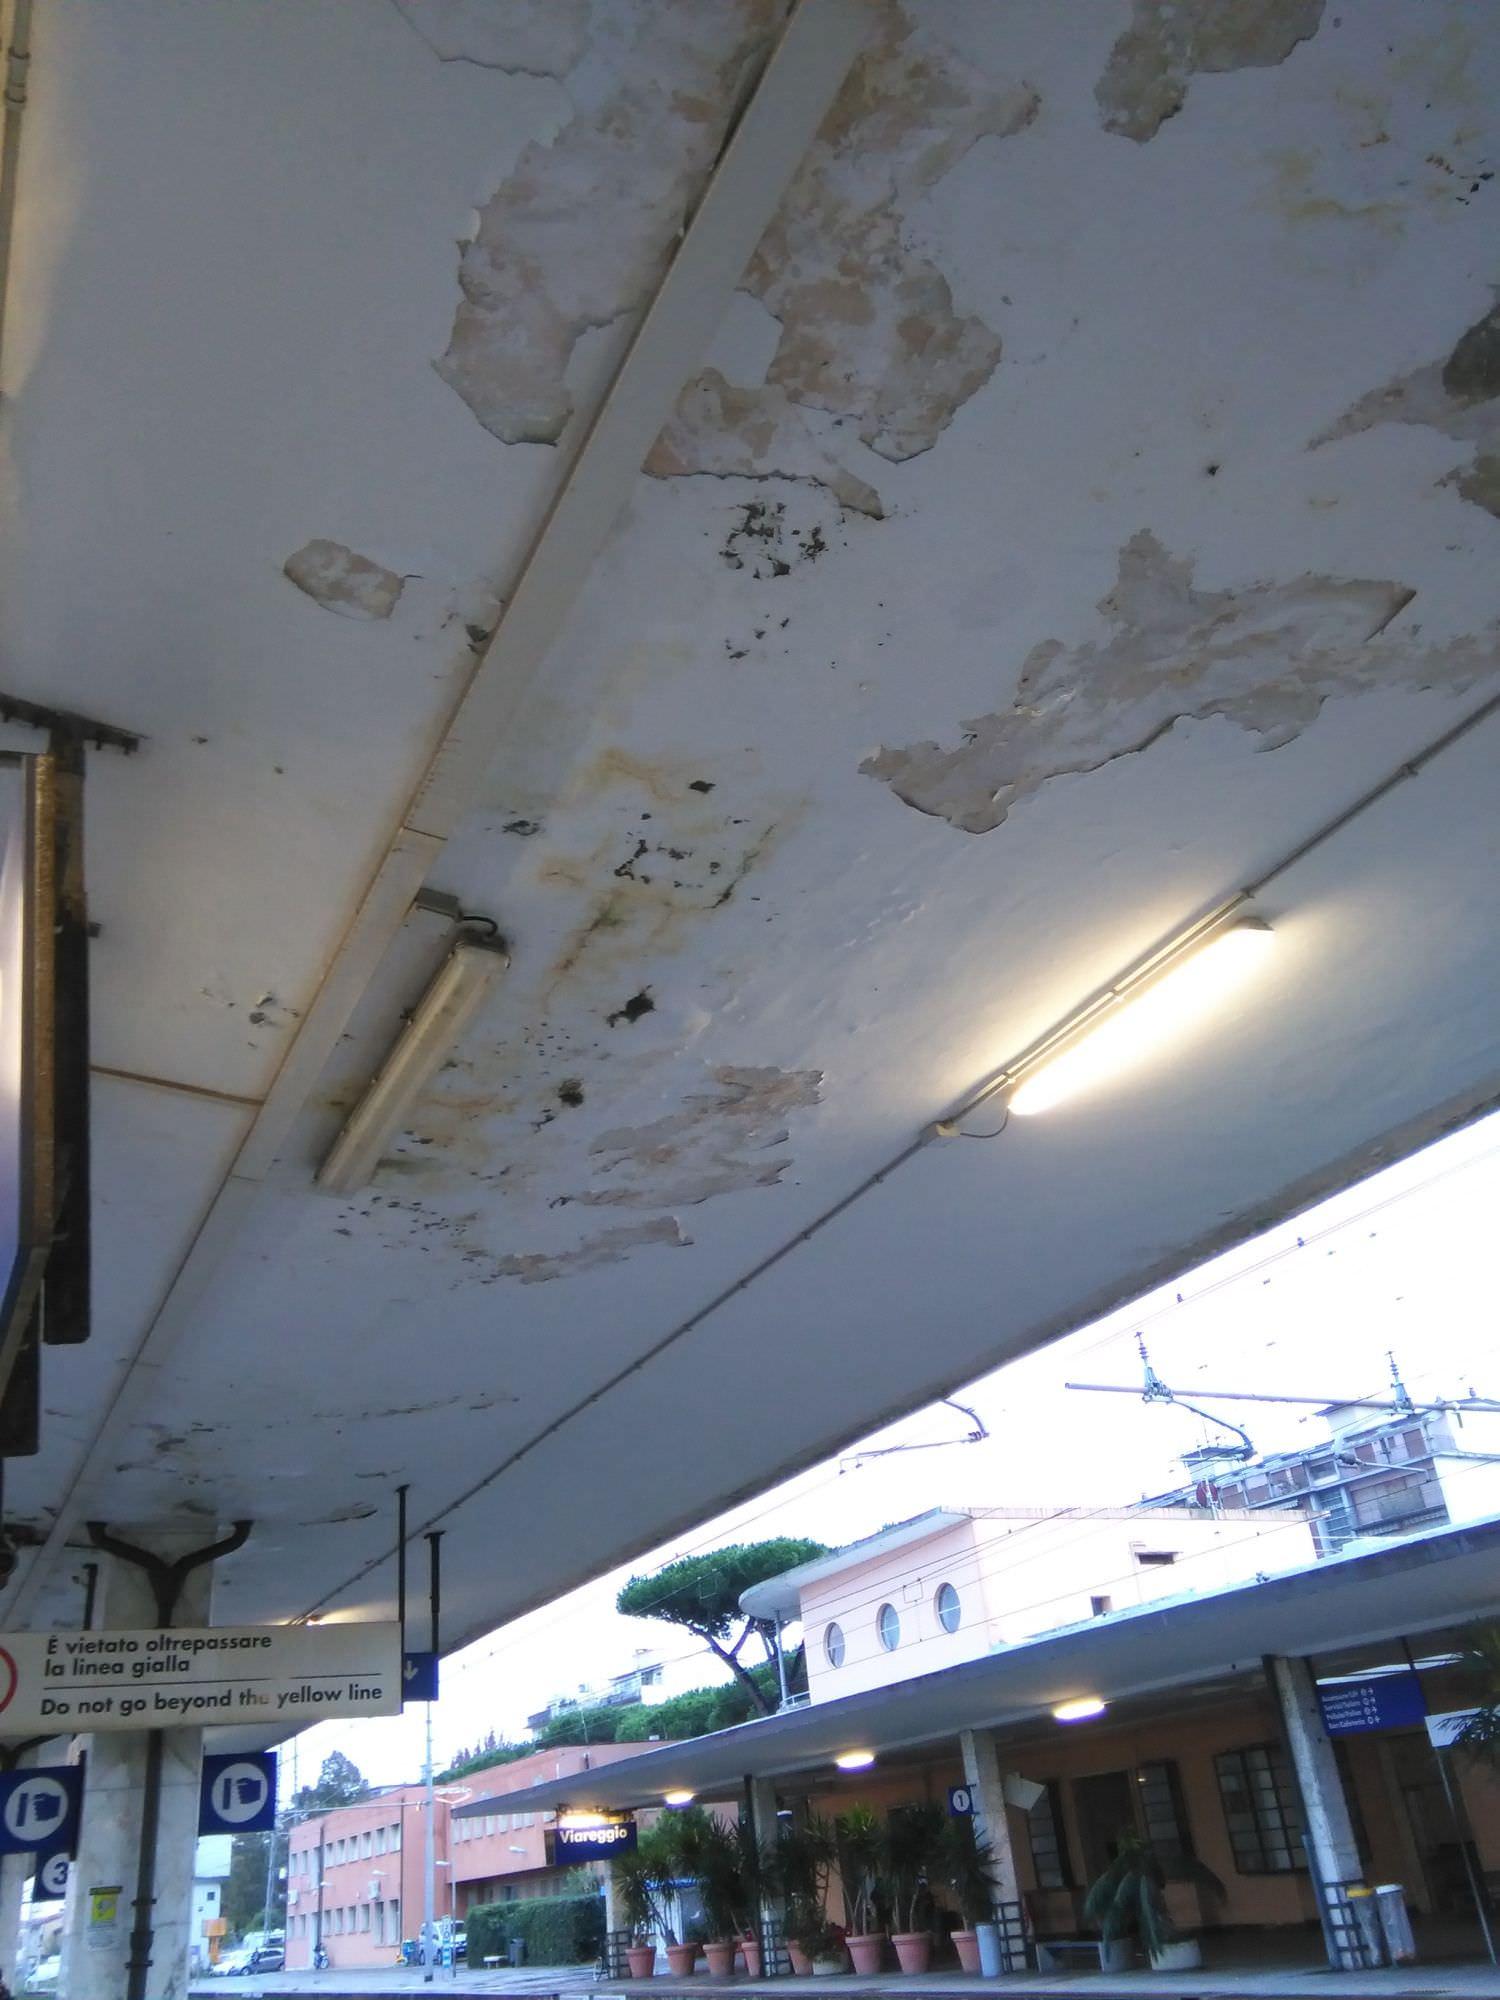 Infiltrazione in una tettoia della stazione, scale bagnate nei giorni di pioggia